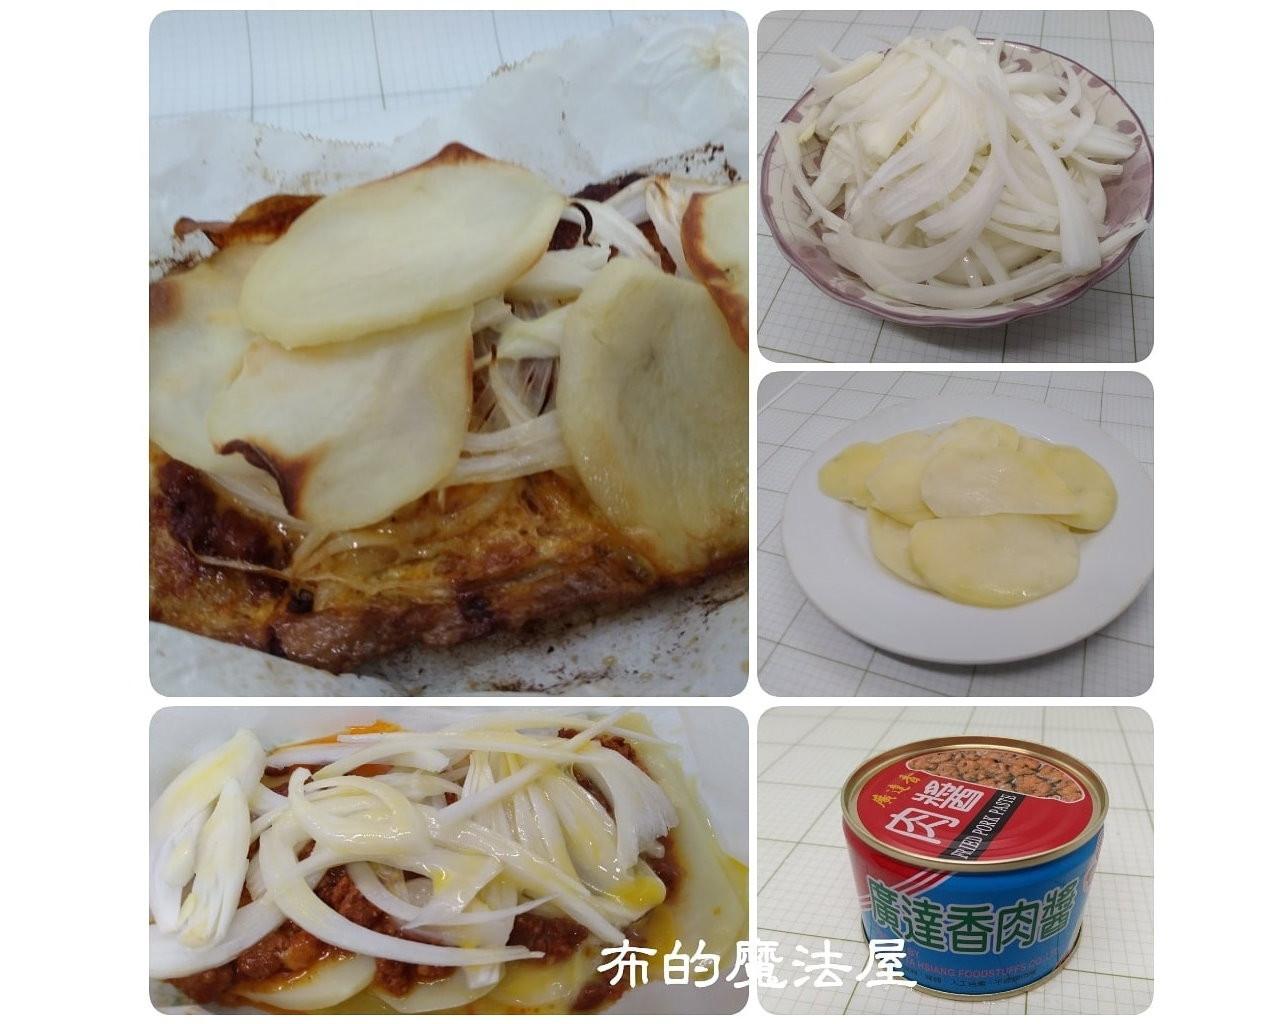 烤箱-烤洋蔥馬鈴薯肉醬